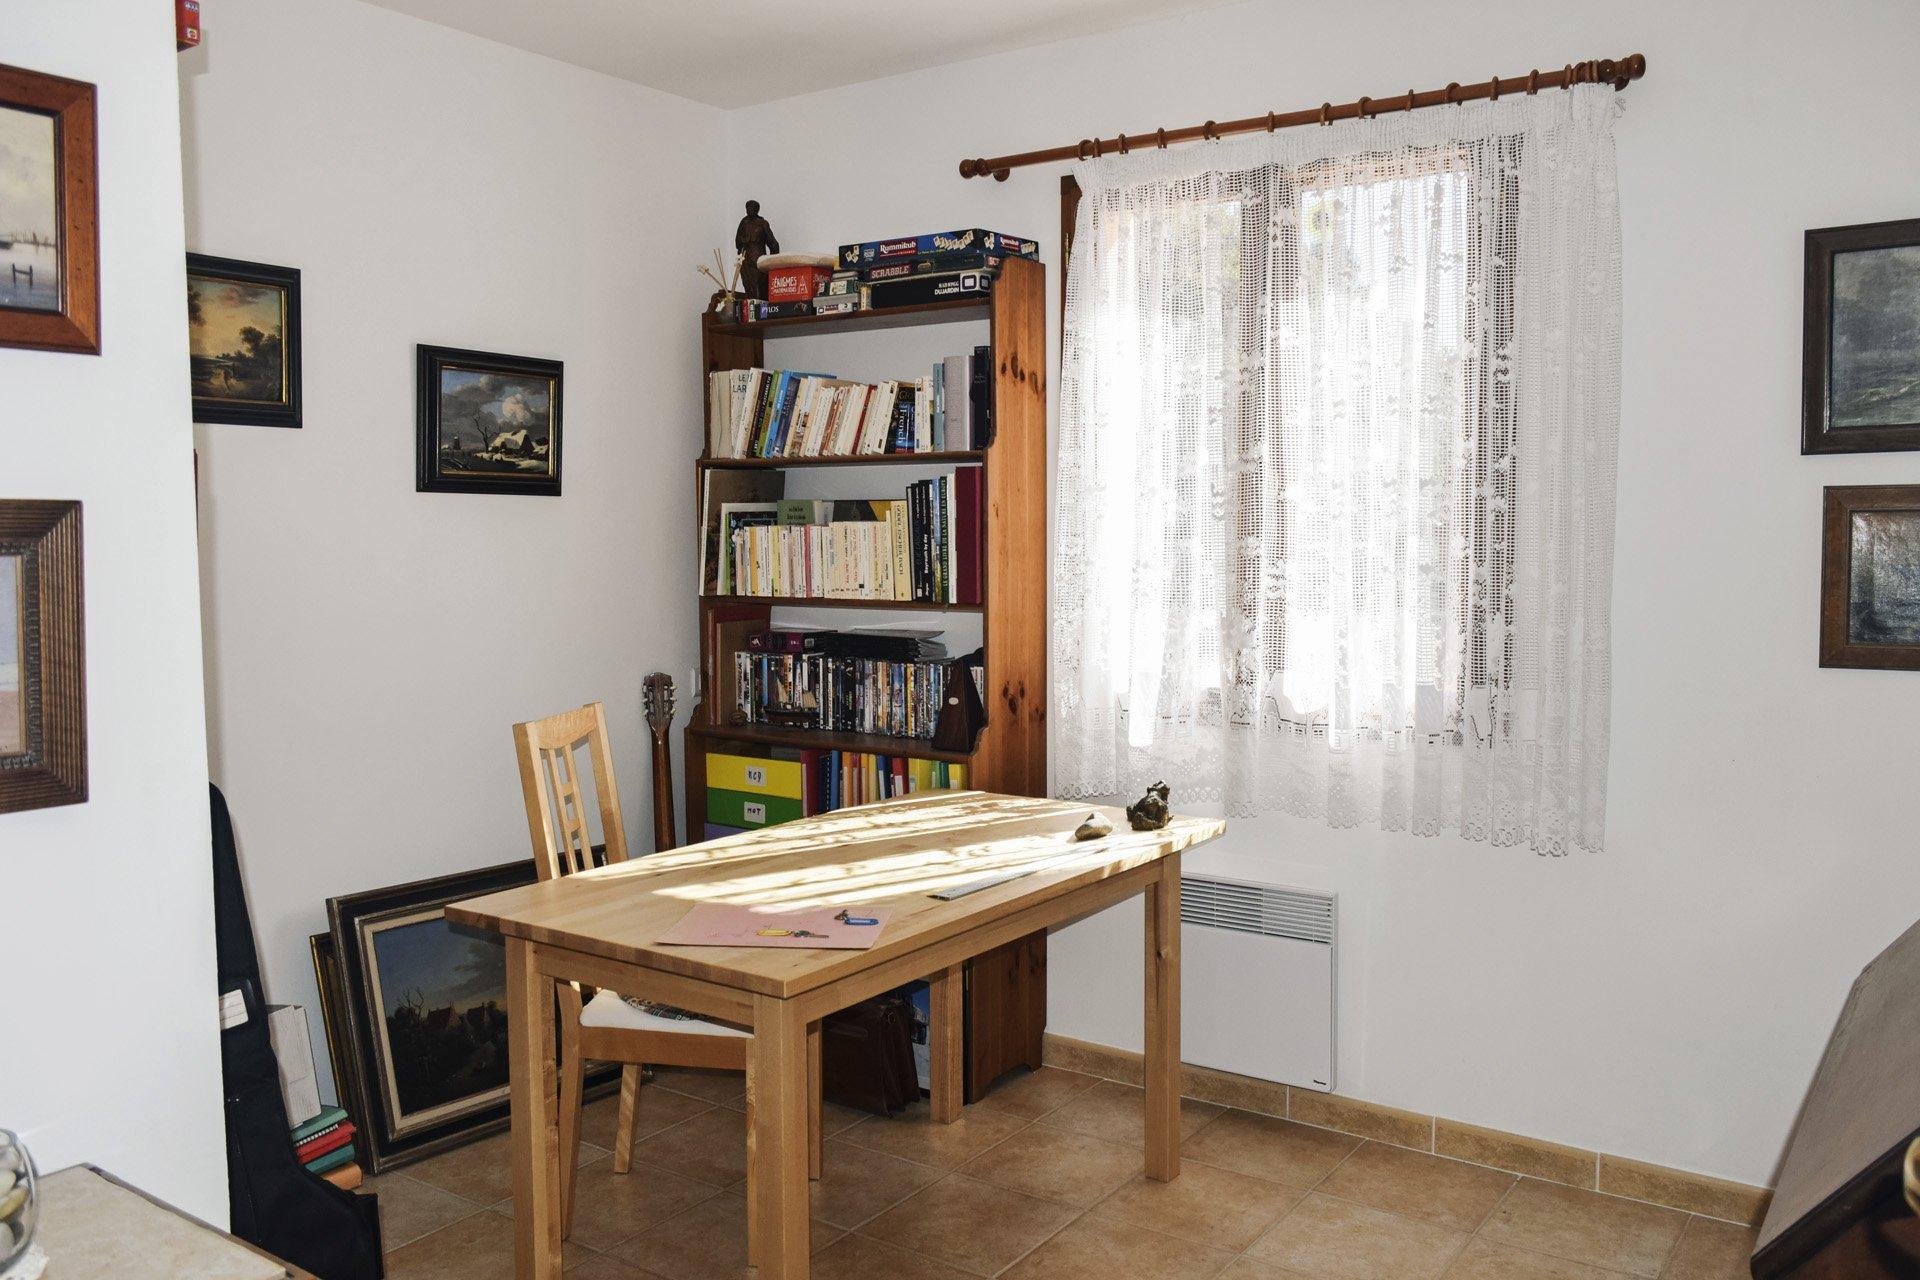 bureau de la villa récente 5 chambres, piscine, appartement indépendant, moissac bellevue, var provence